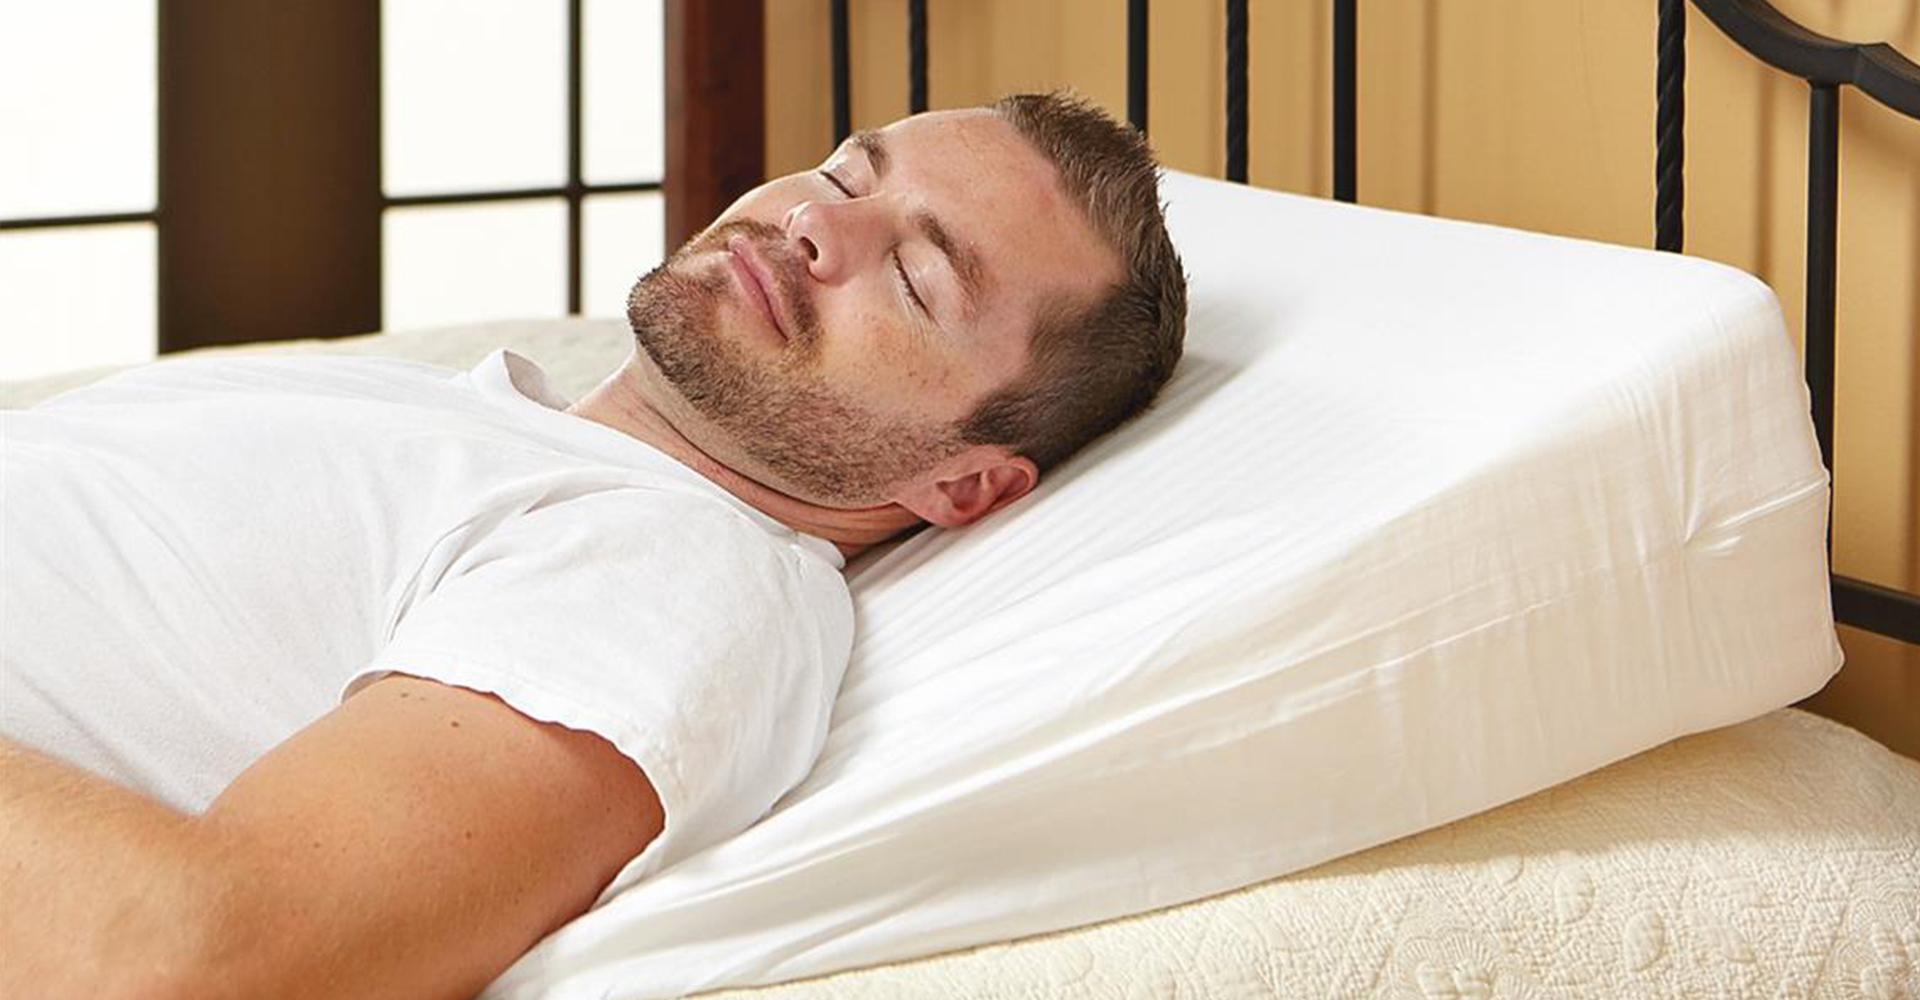 4 Best Wedge Pillows Reviewed Oct 2019 Pillow Picker